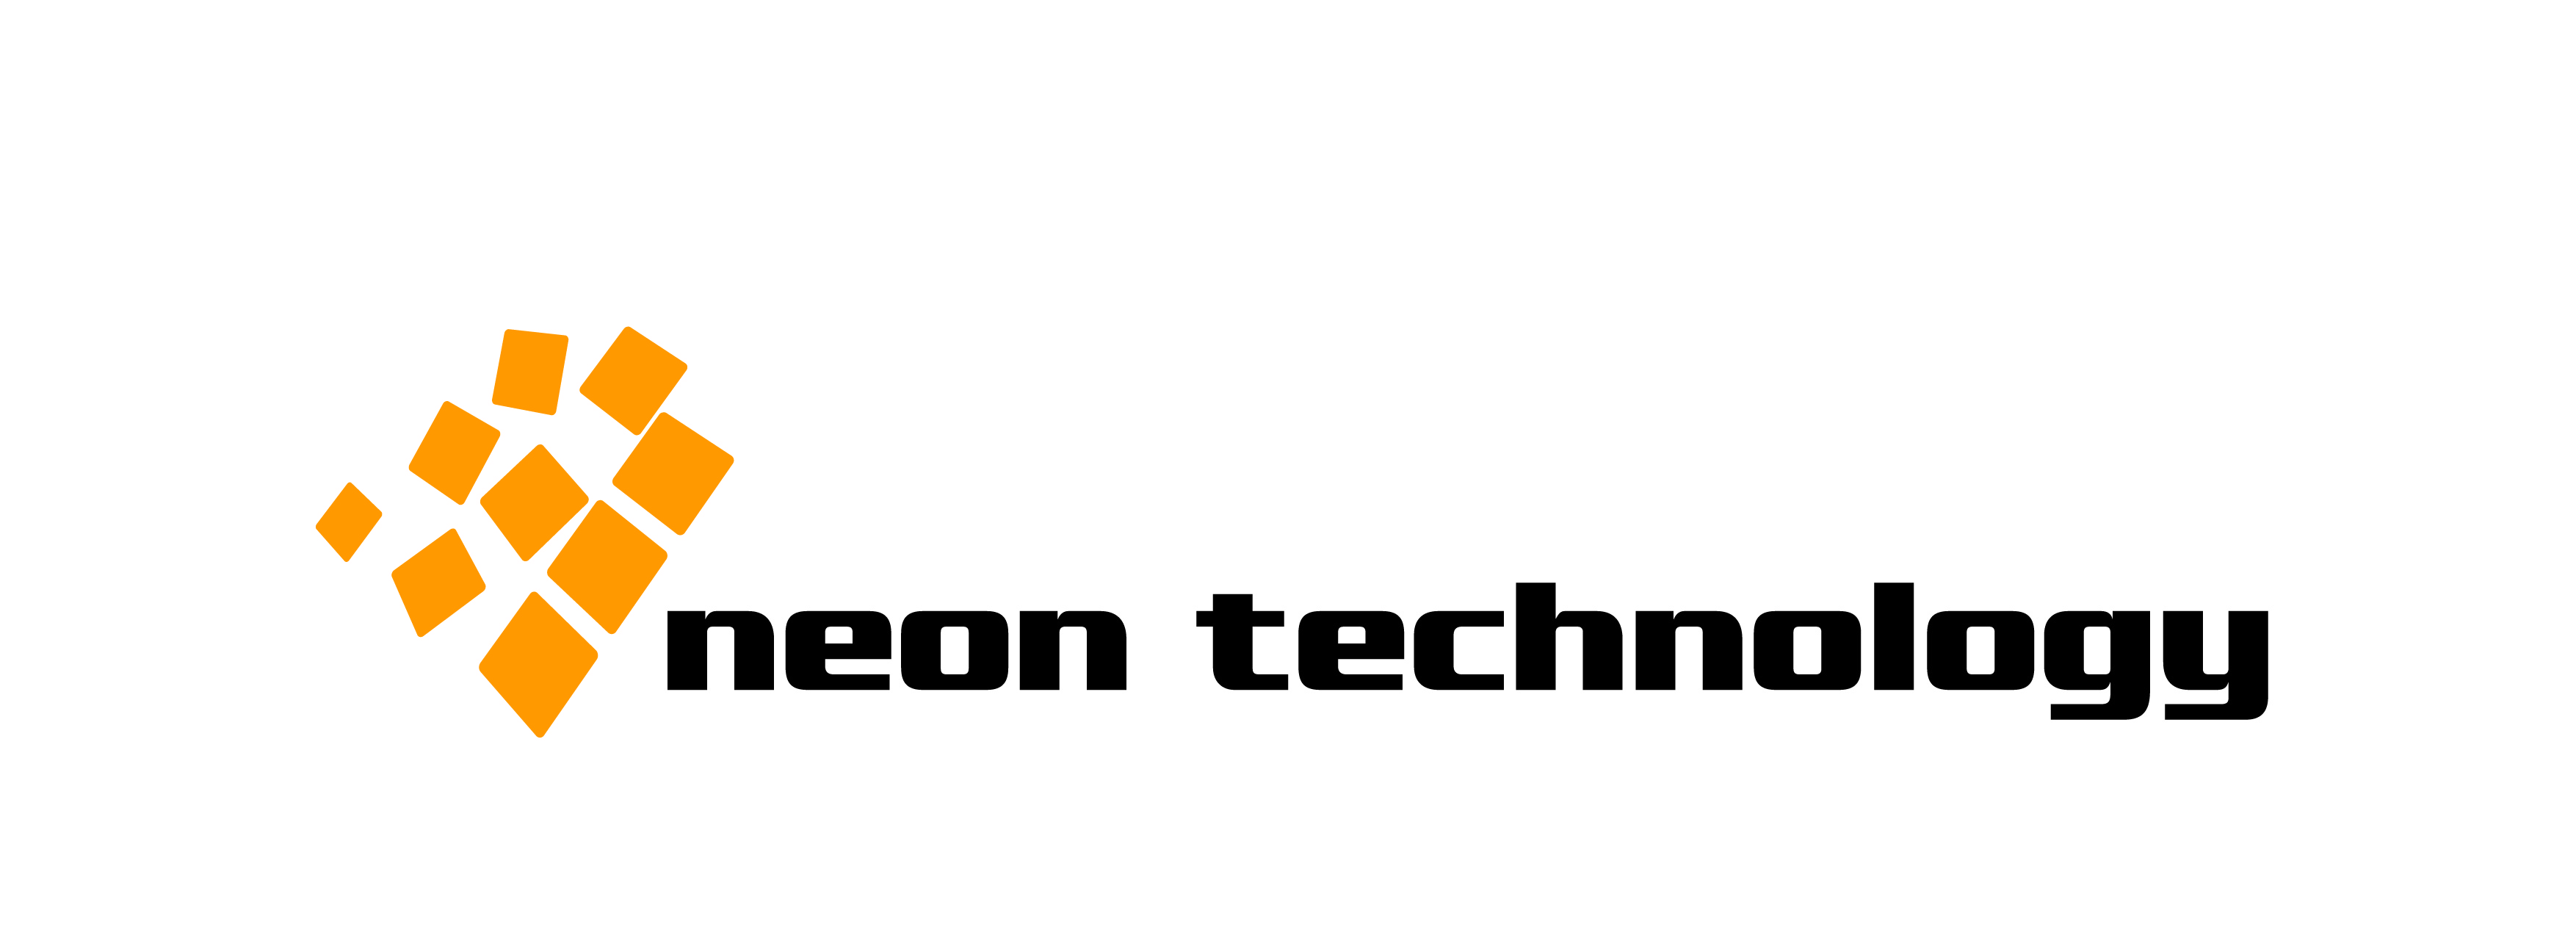 Neon Technology